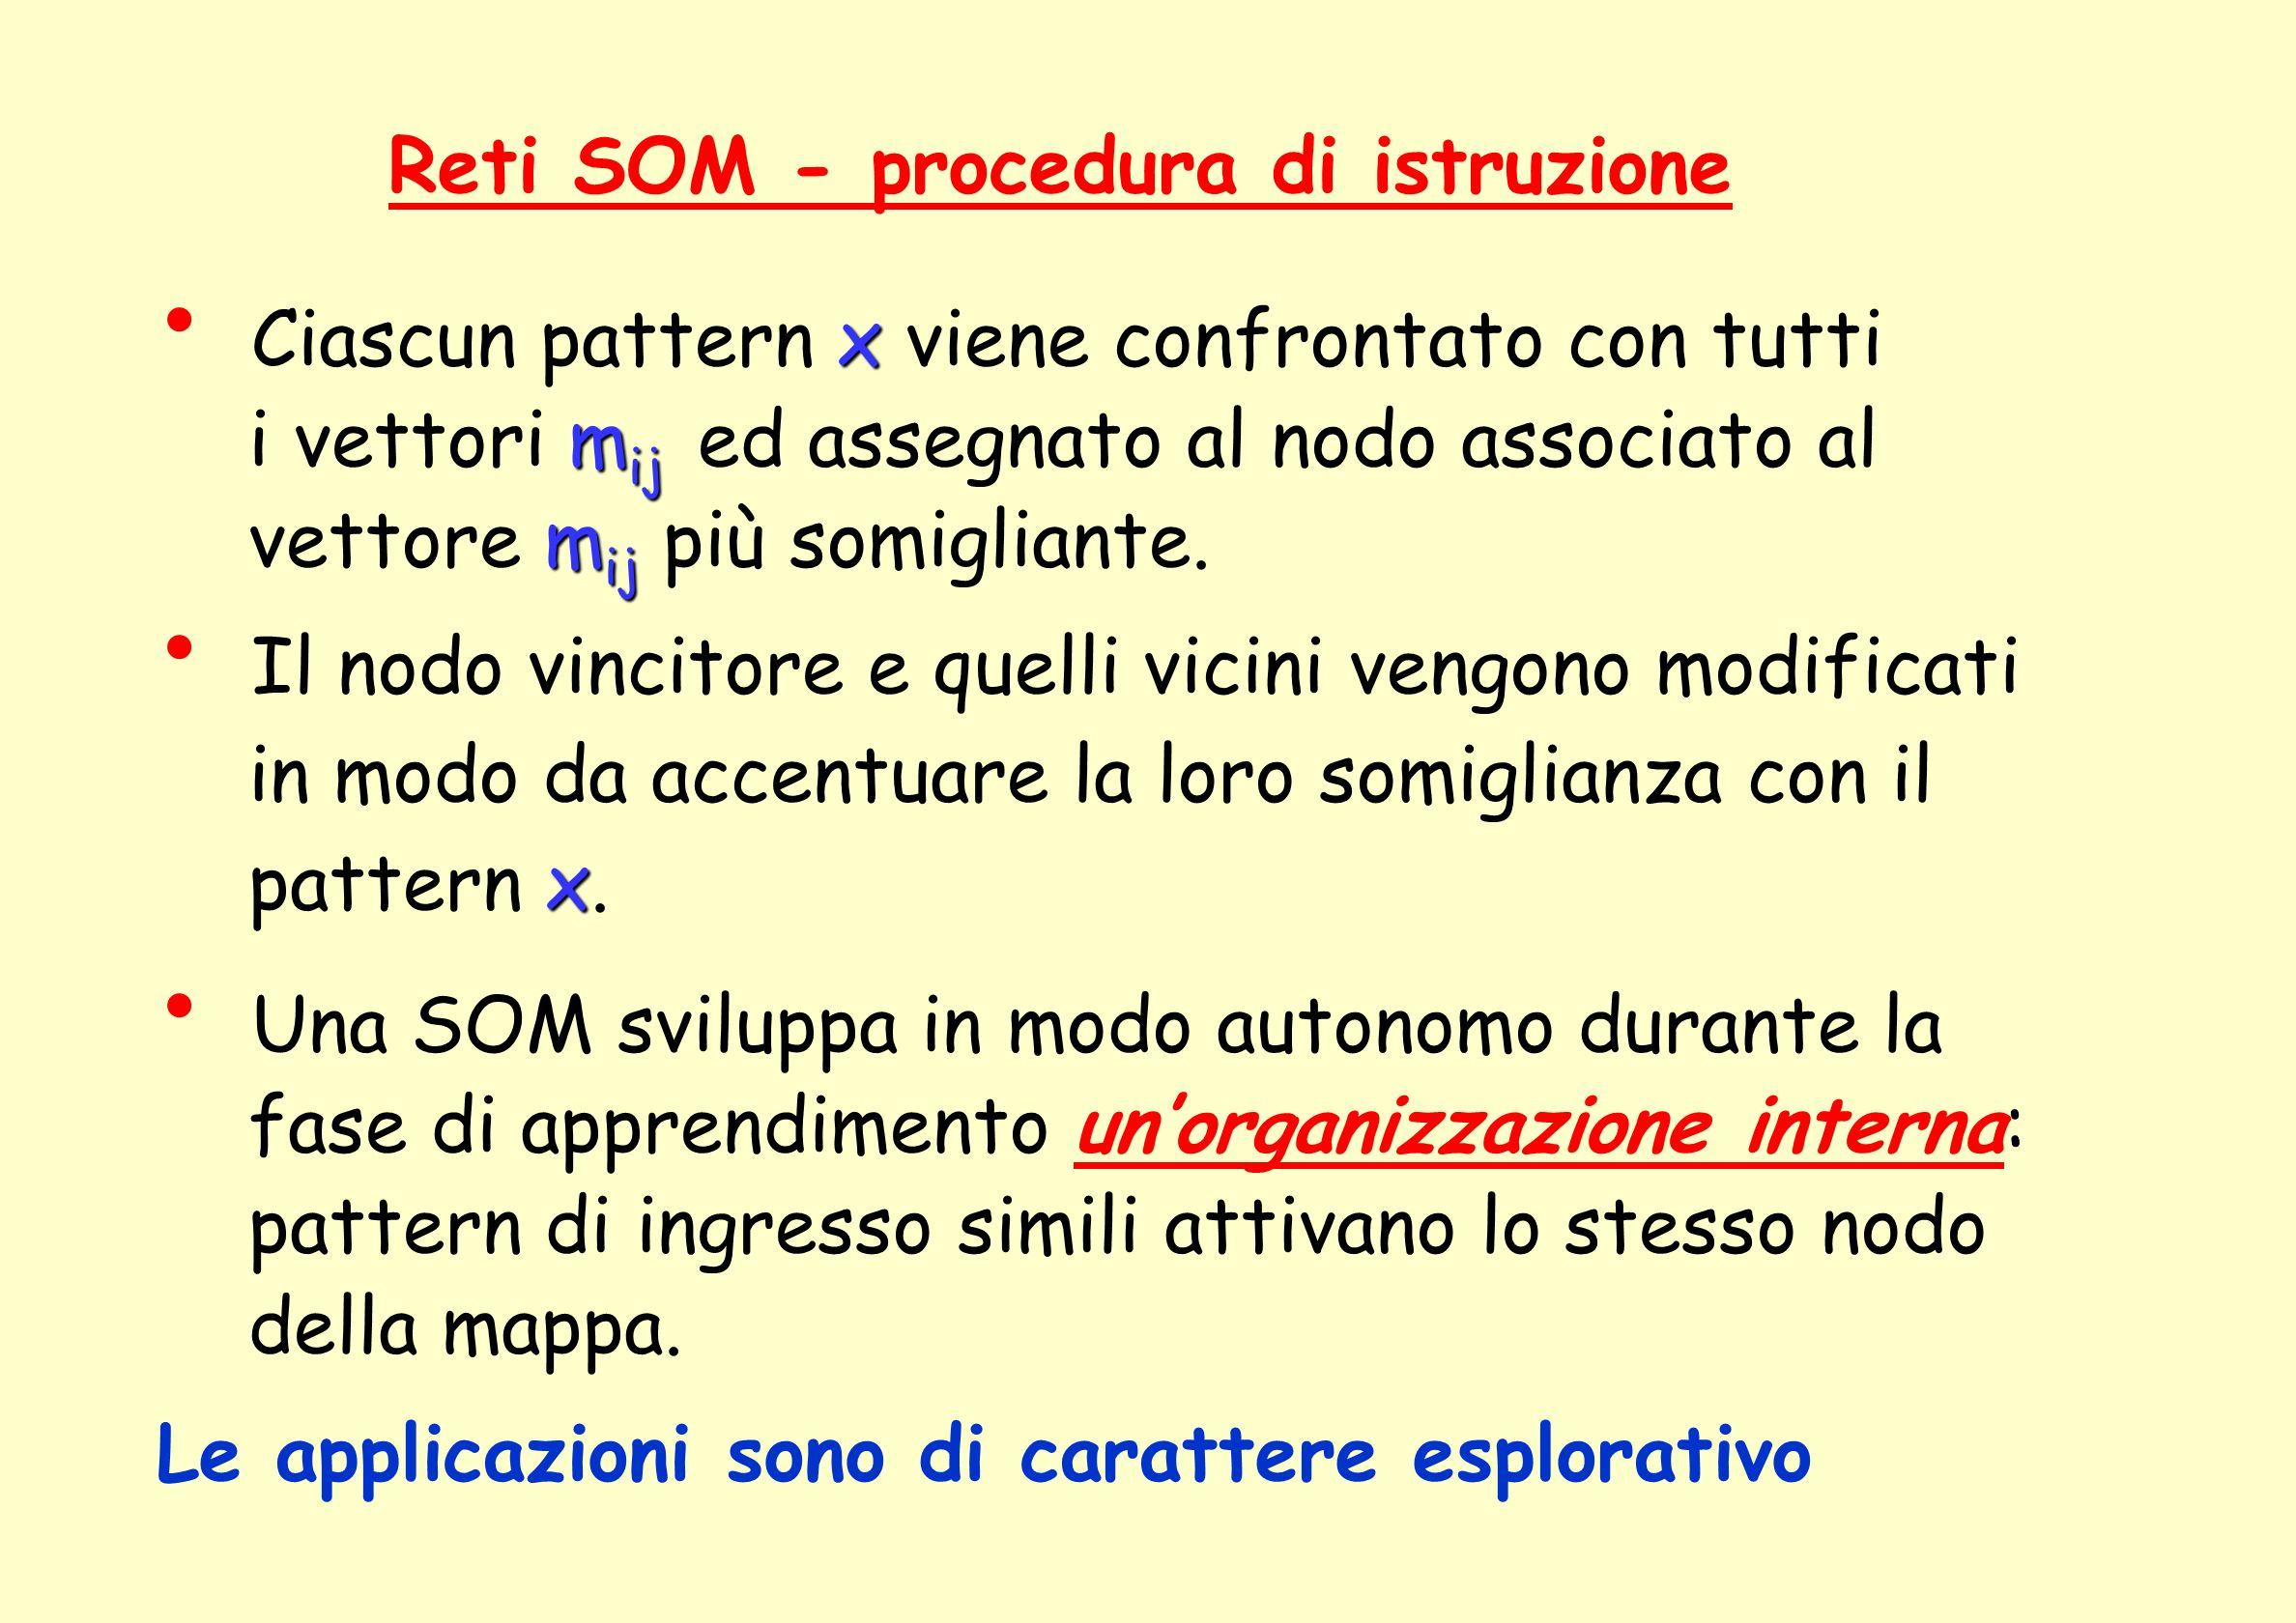 Reti SOM - procedura di istruzione